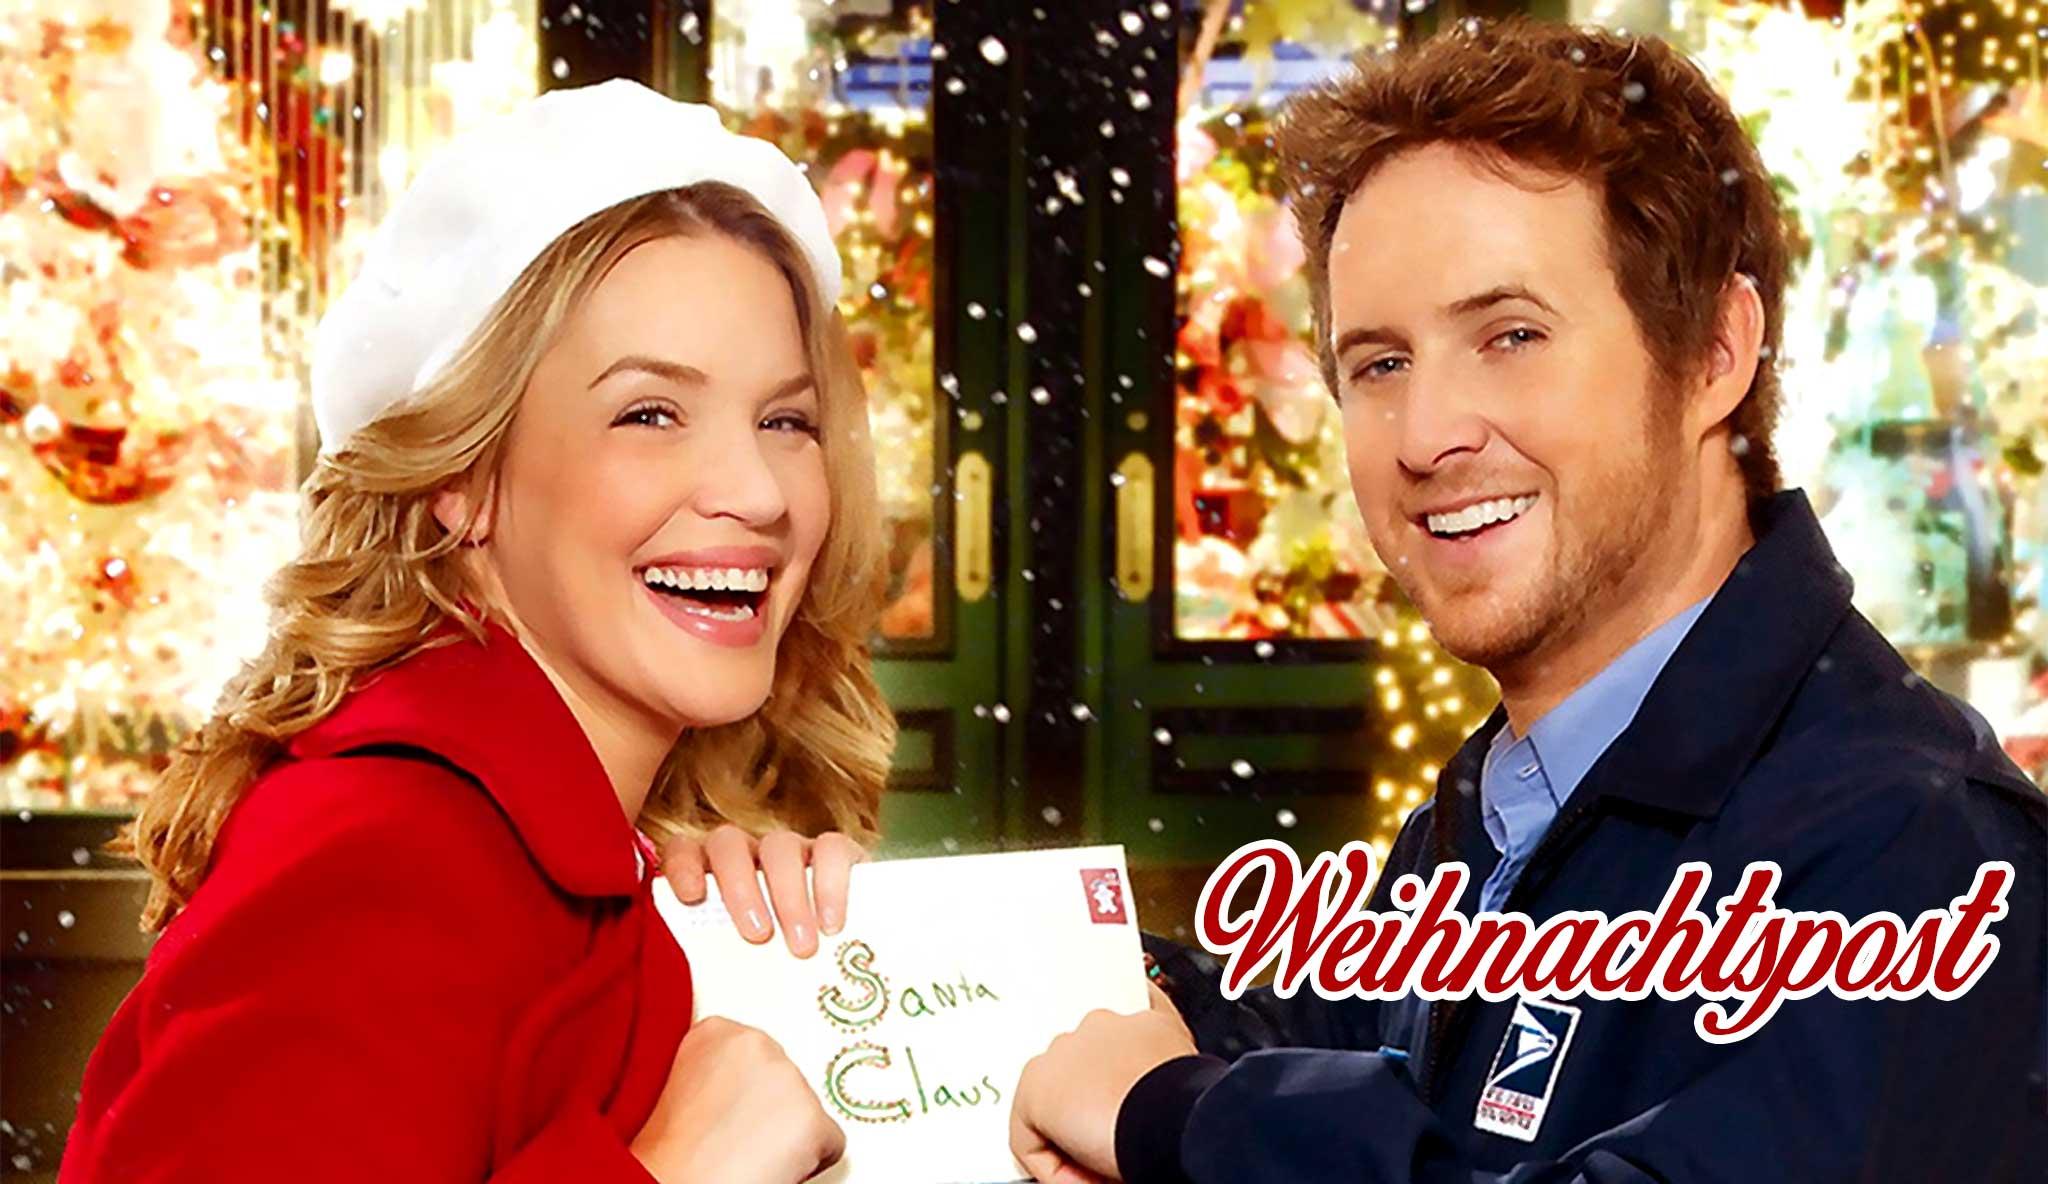 weihnachtspost\header.jpg